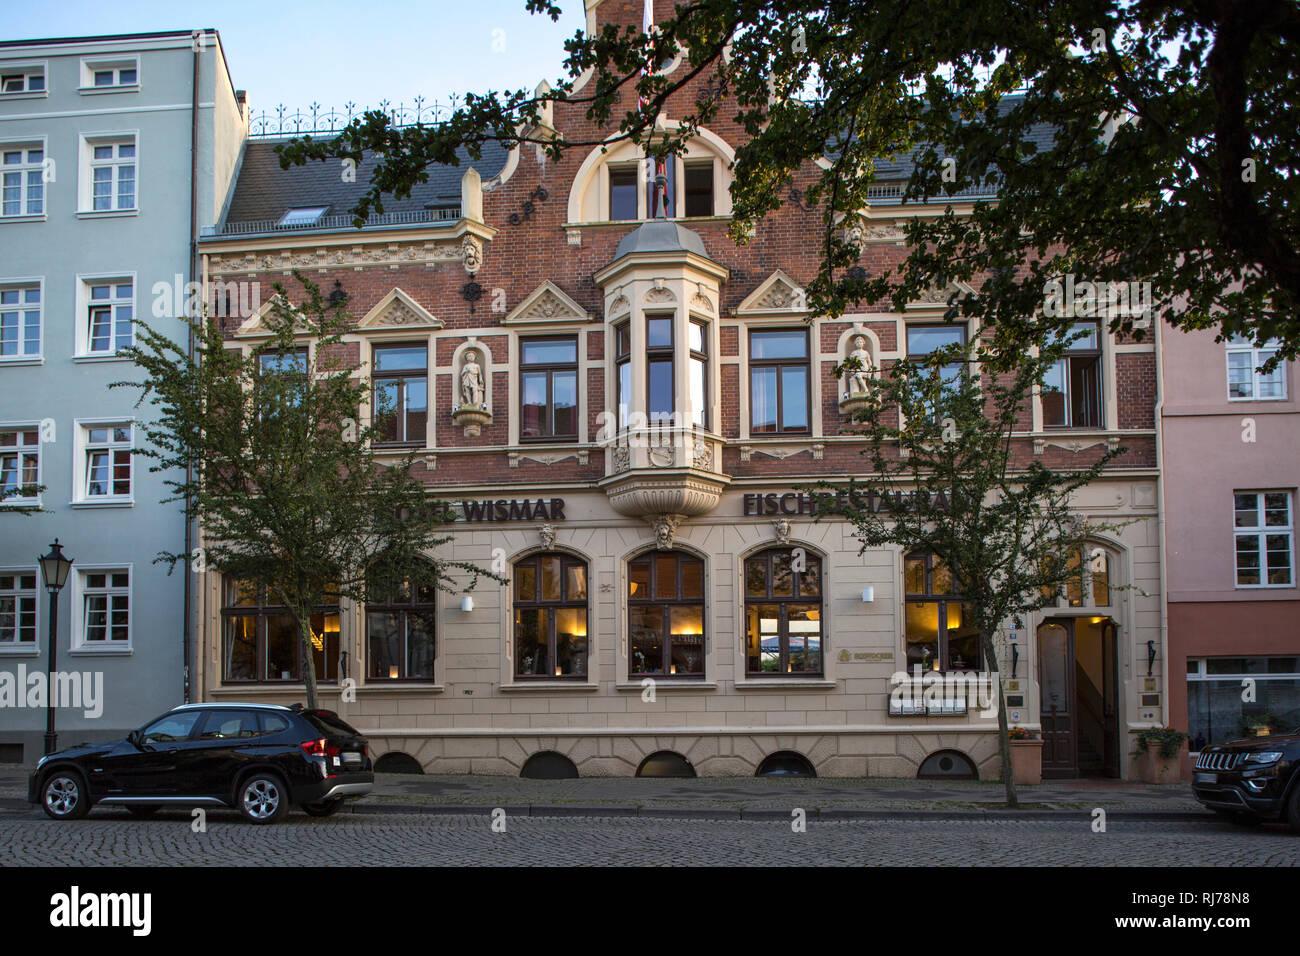 Hotel 'Wismar', Fischrestaurant in Wismar, Deutschland - Stock Image